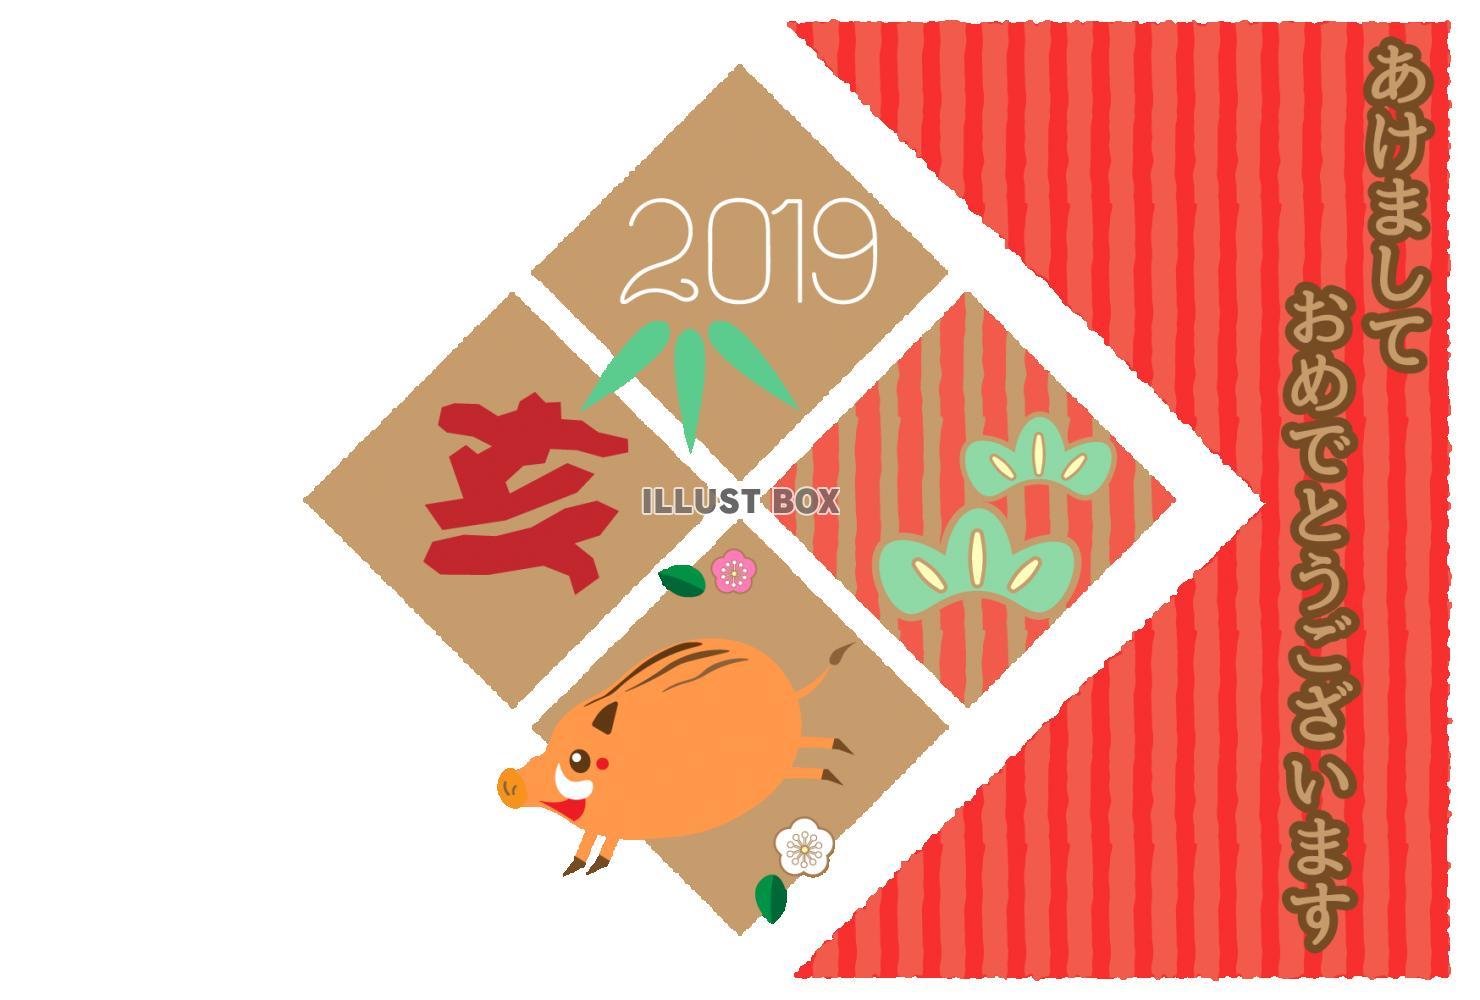 亥2019松竹梅猪あけましておめでとうございます年賀状イラス.